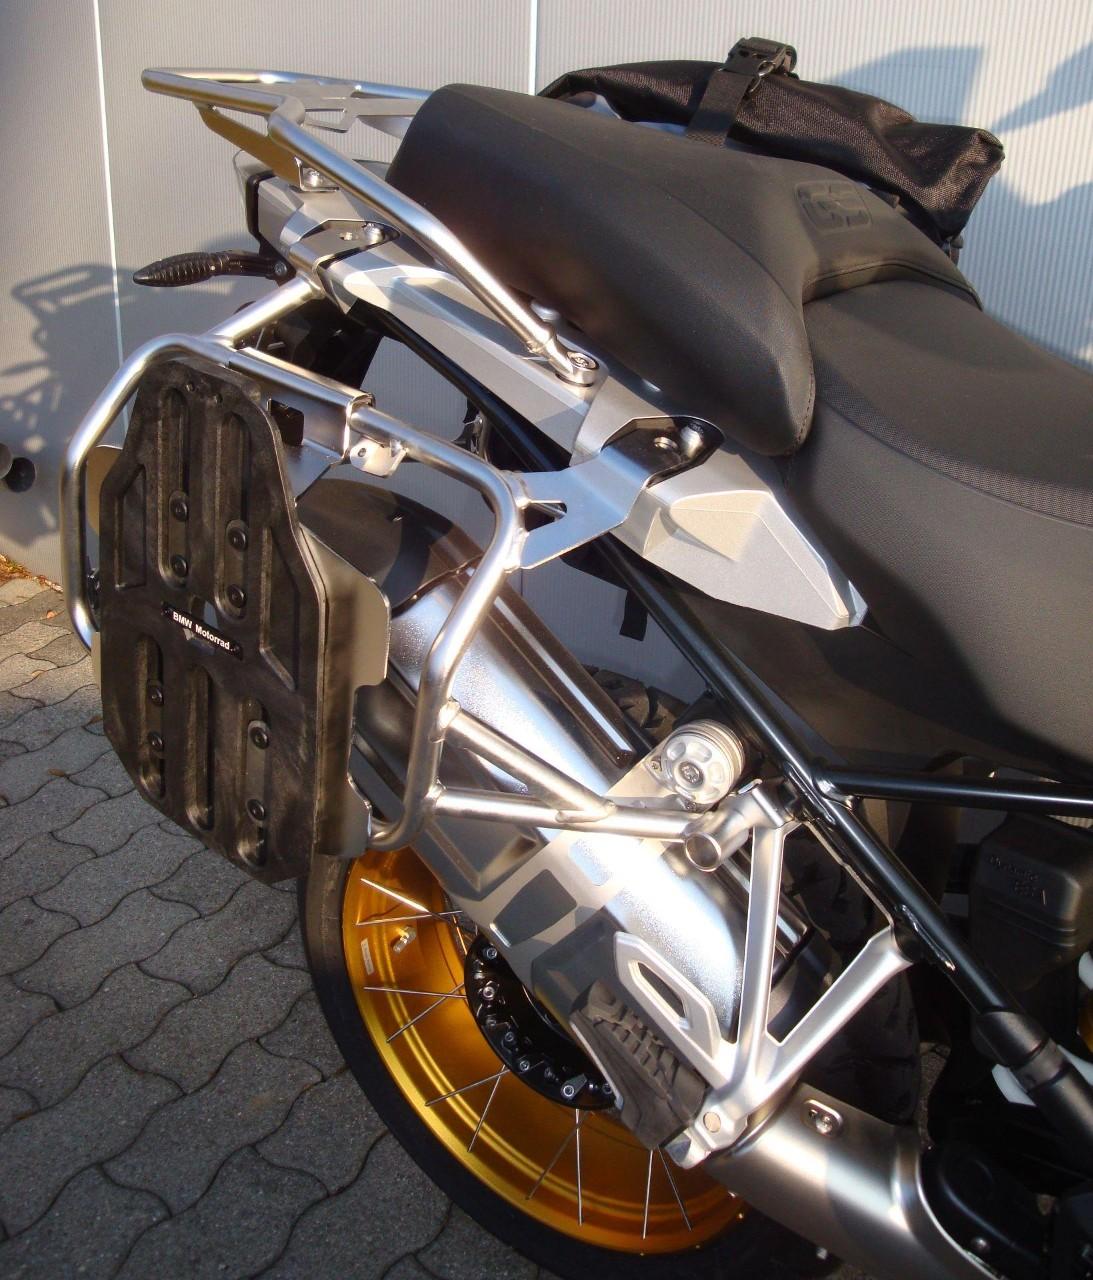 Motorrad Occasion Kaufen Bmw R 1250 Gs Adventure Motos Knusel Gmbh